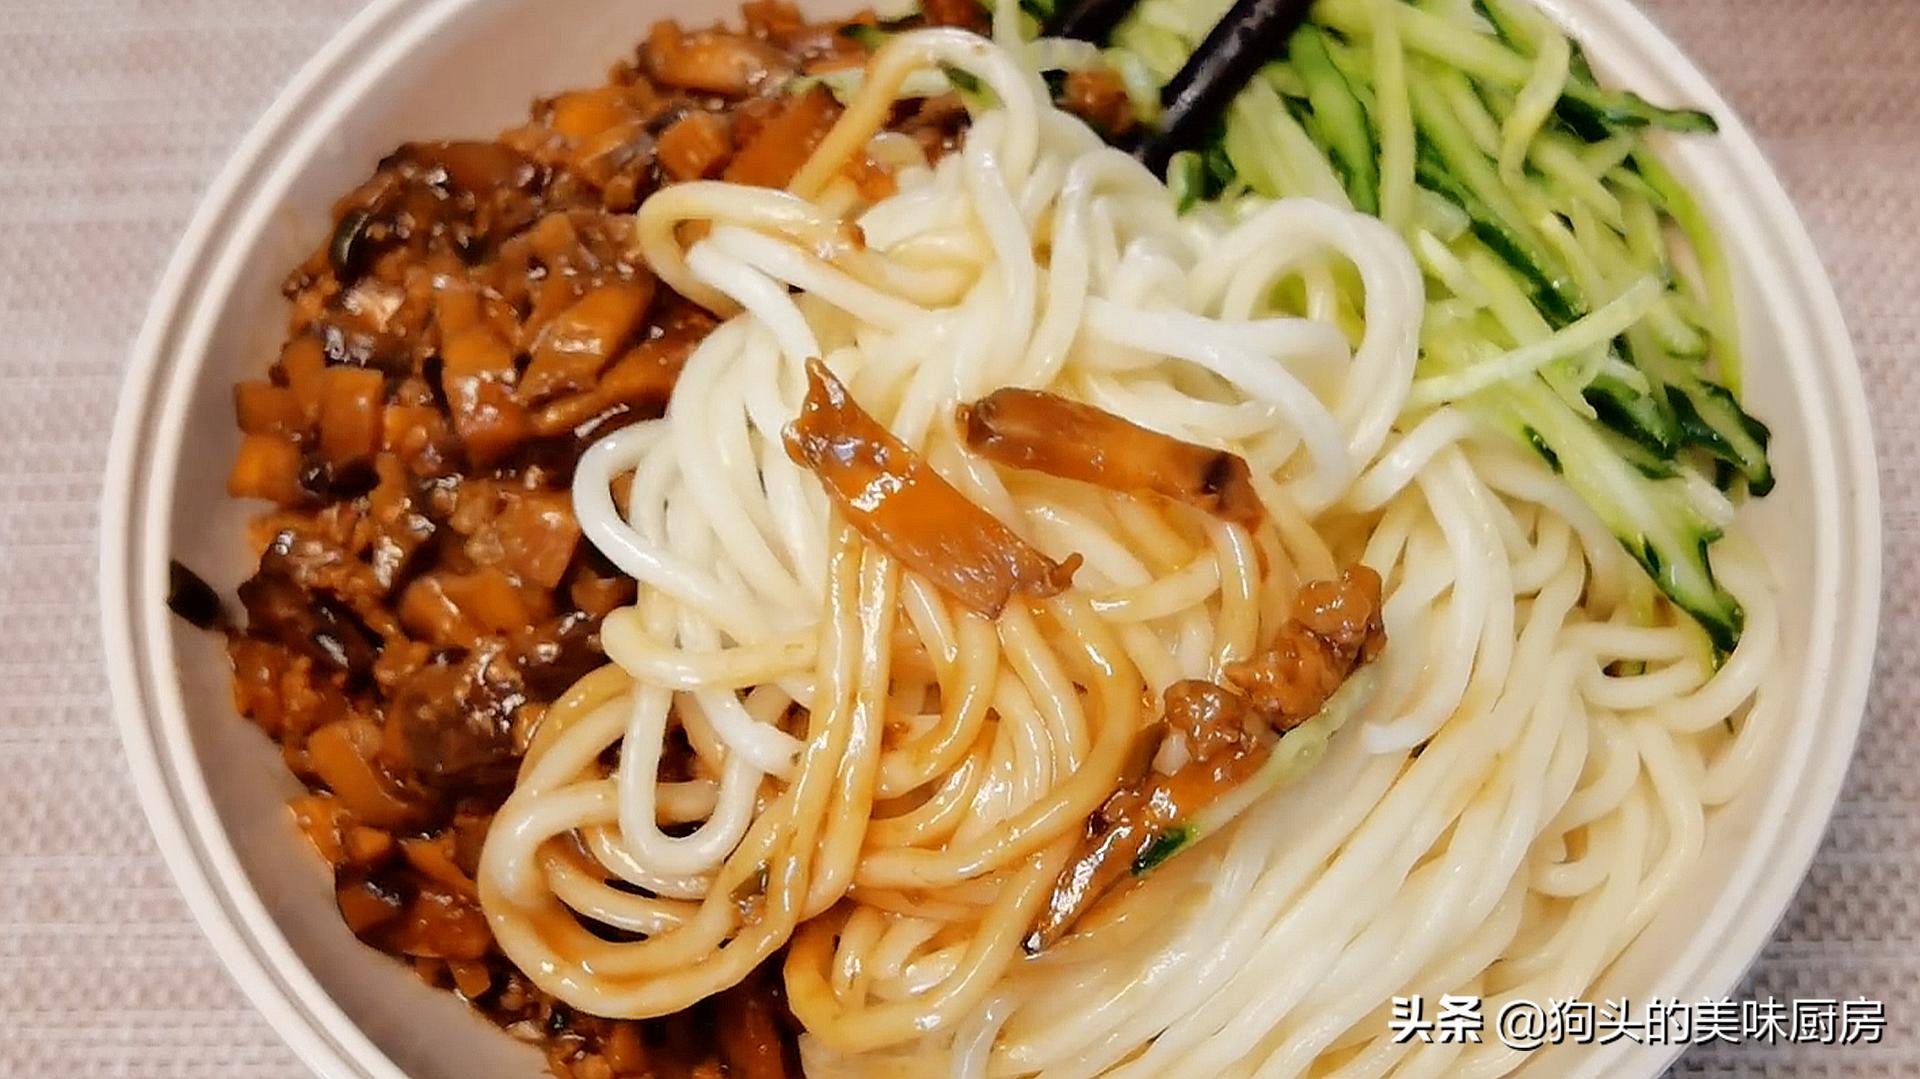 最近嘴馋没少吃它,入锅煮一煮,浇上料汁一拌,开胃又解馋 美食做法 第3张